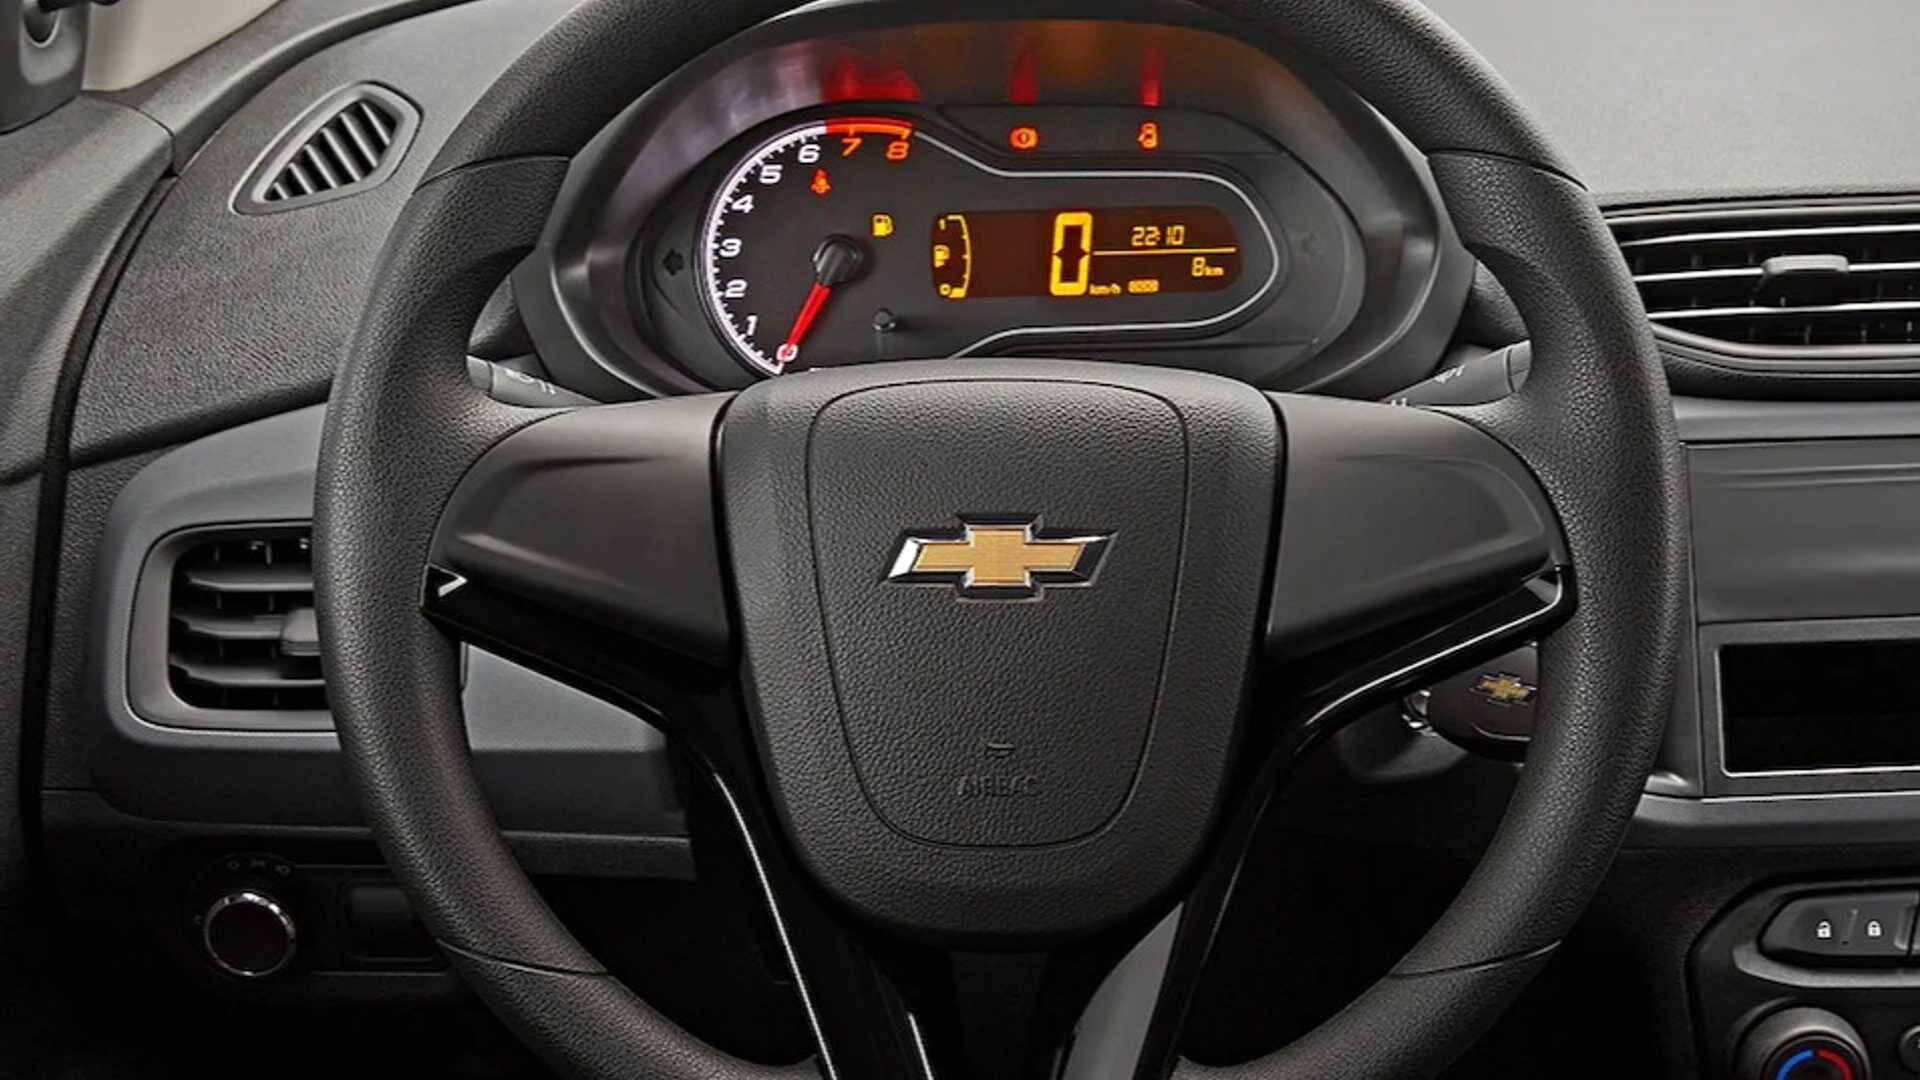 Chevrolet Joy Plus. Foto: Divulgação